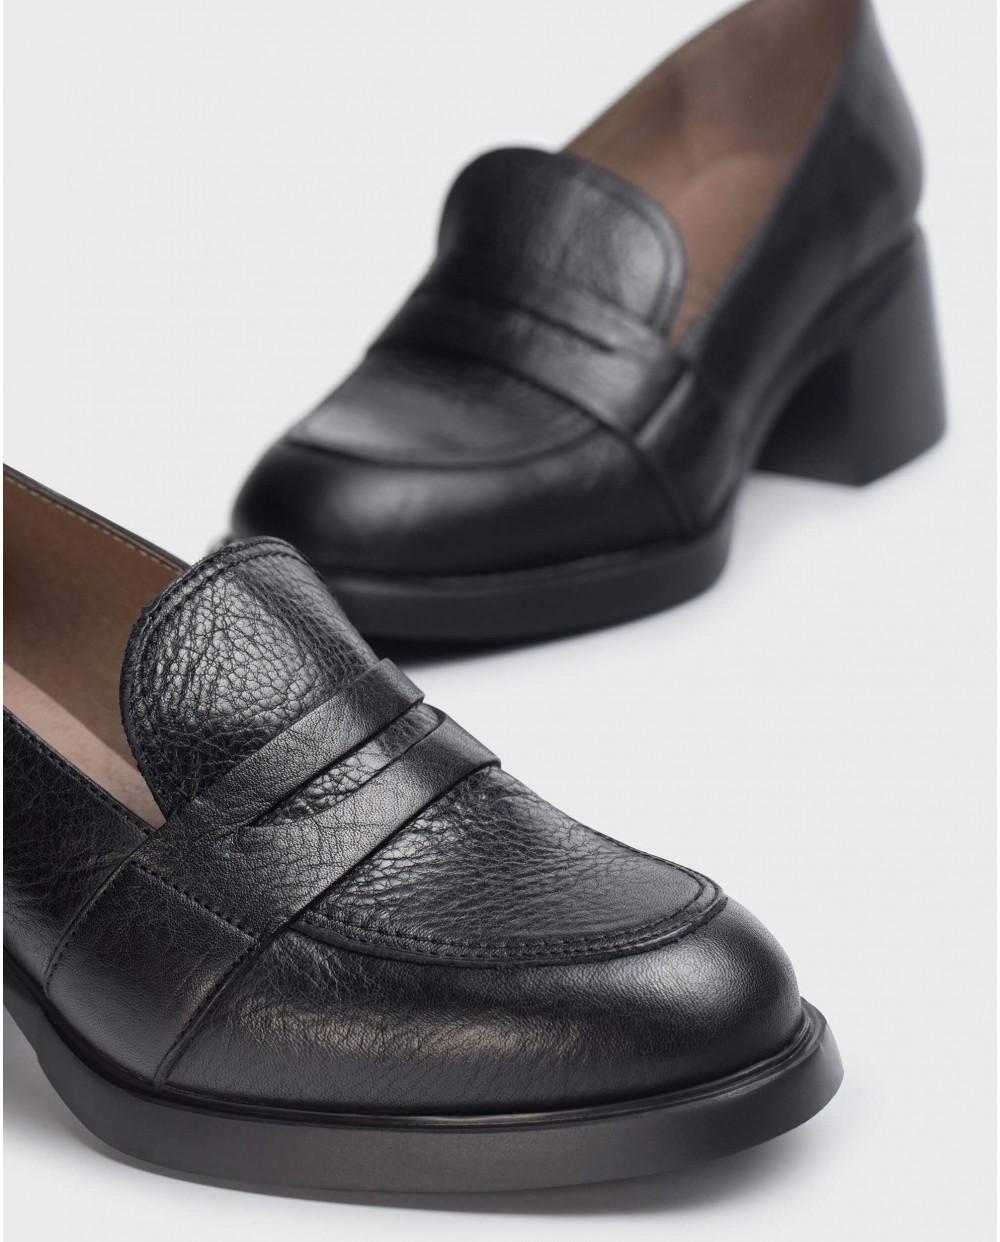 Black shoes Durham